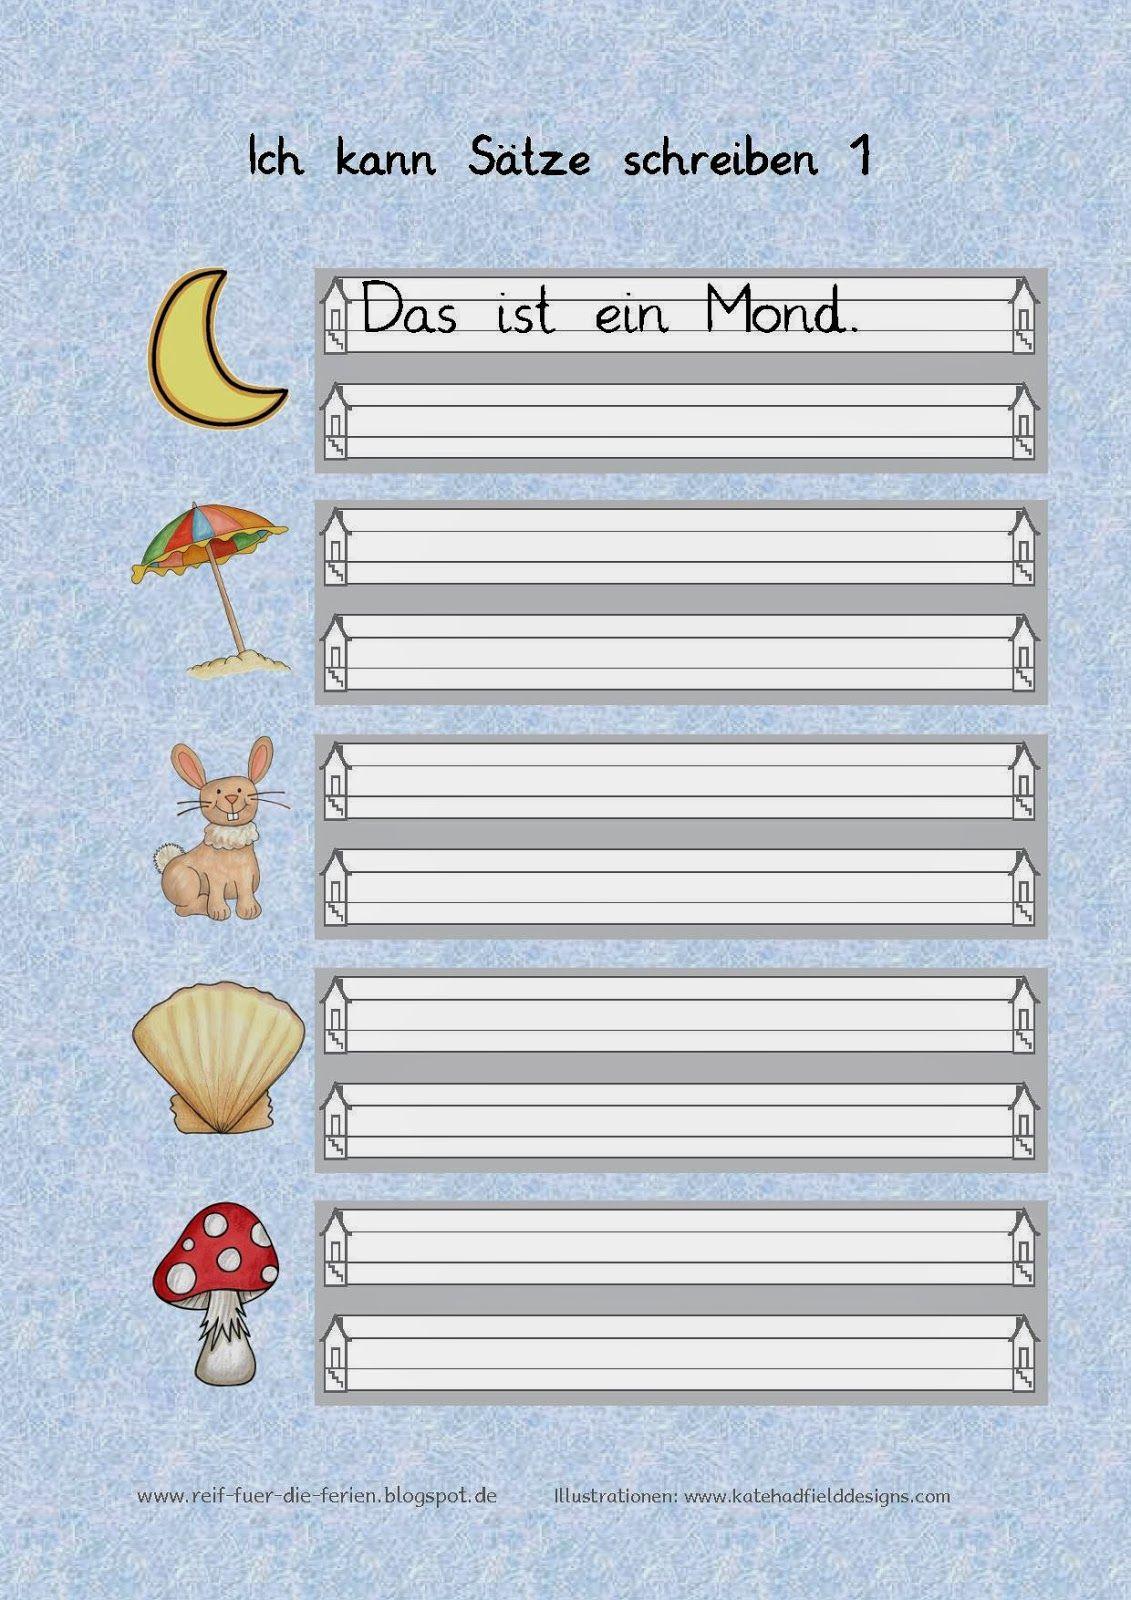 Ich kann Sätze schreiben 1 | Német | Pinterest | Deutsch, School and ...